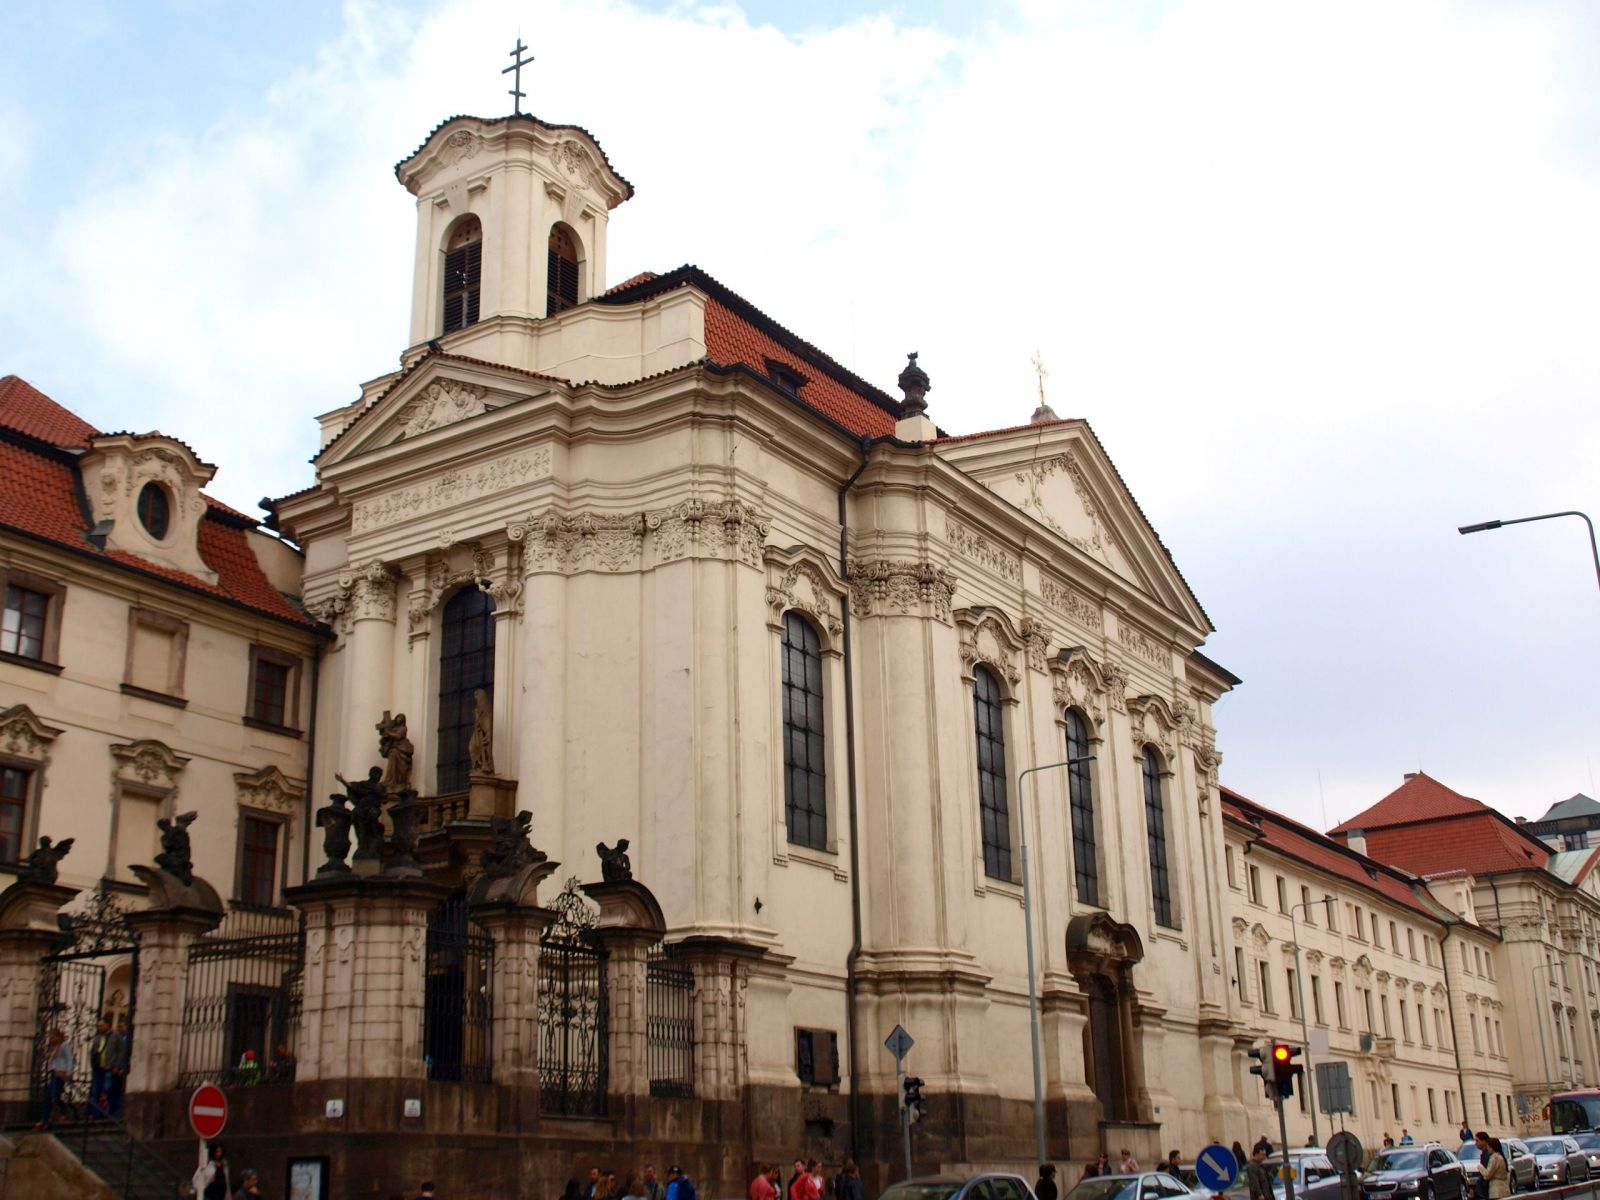 Budova rozhlasu, kostel spjatý s Anthropoidem nebo Hlávkova kolej. Tyto české stavby se staly novými kulturními památkami